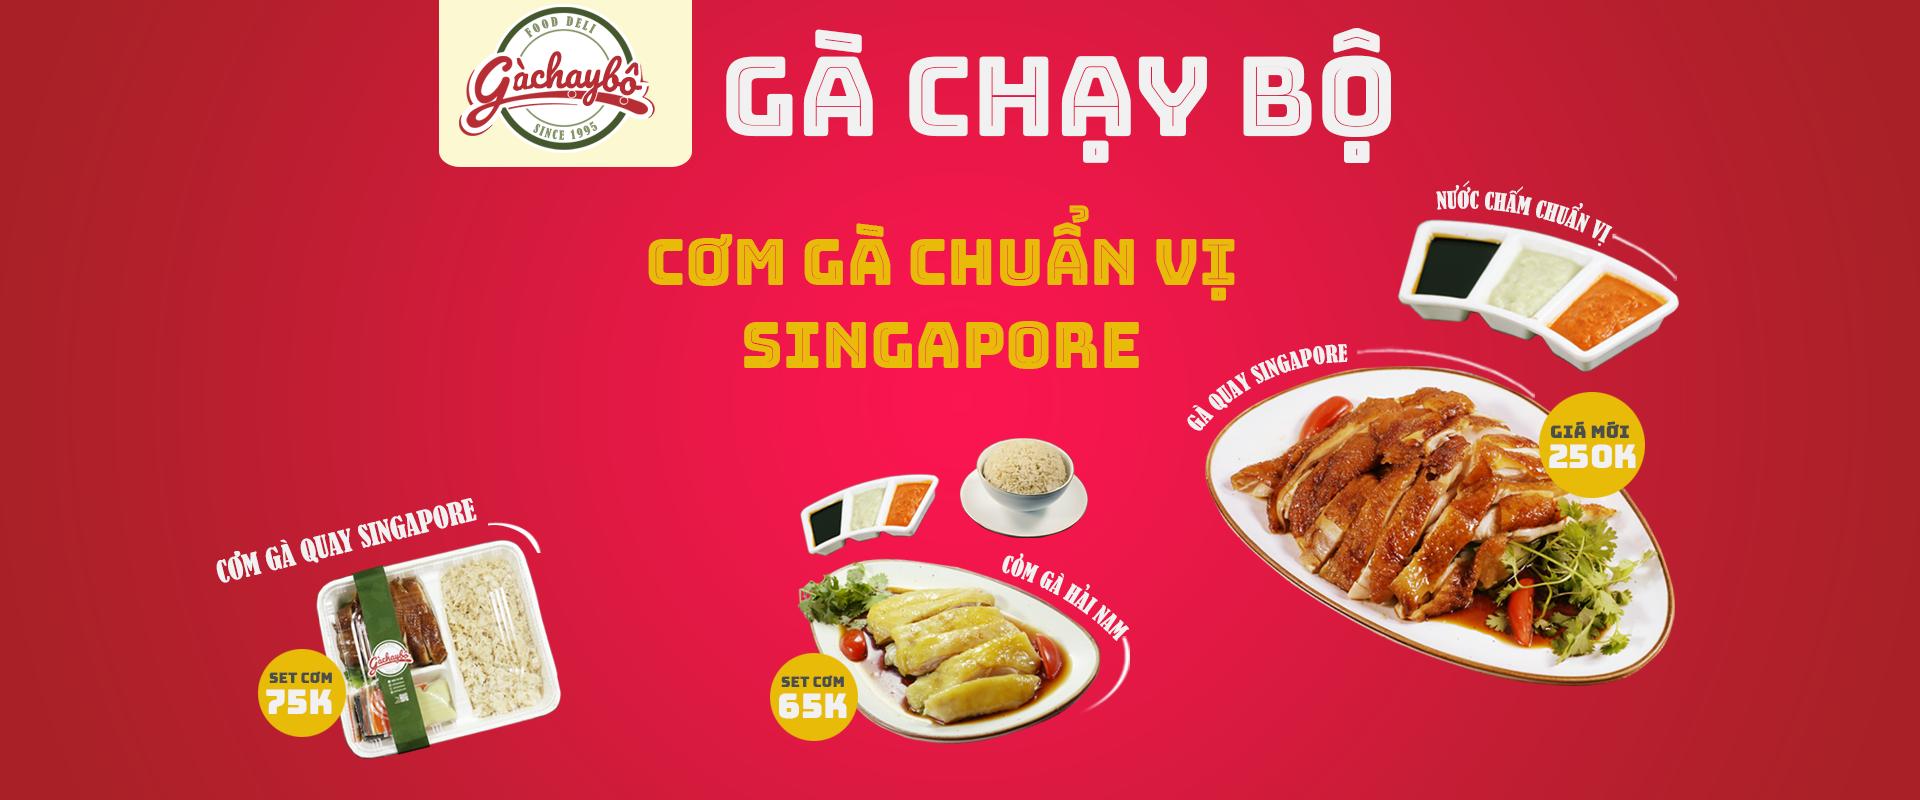 Gà chạy bộ - Cơm gà Singapore chính hiệu